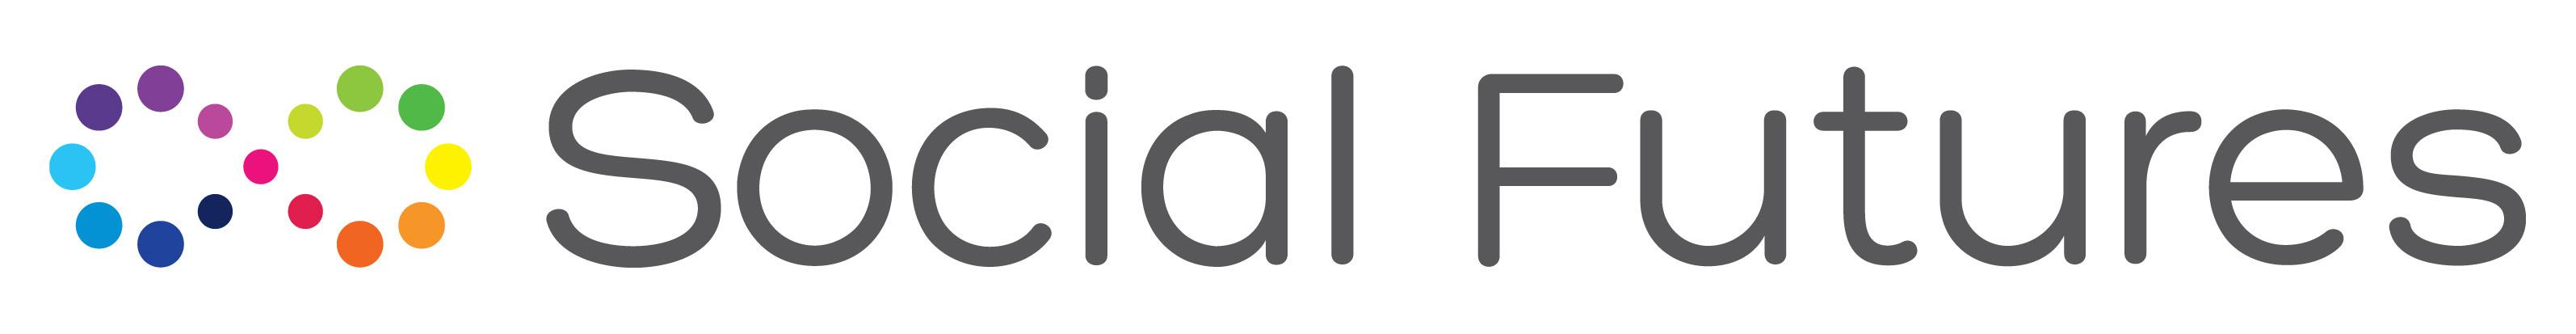 Social Futures logo